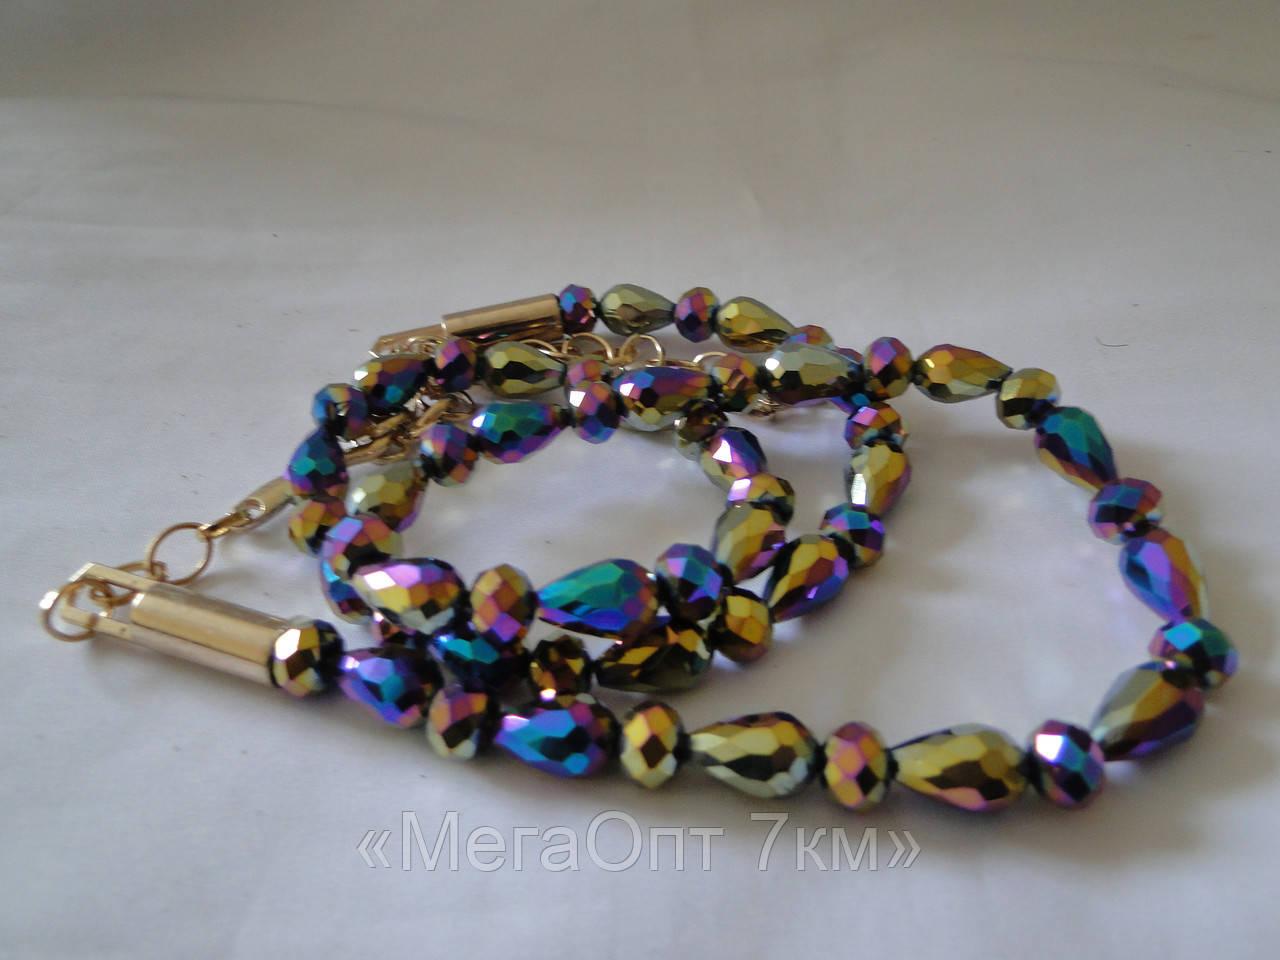 Ремень женский  цепочка+кожа купить оптом дешево в Одессе 7км модные качественные